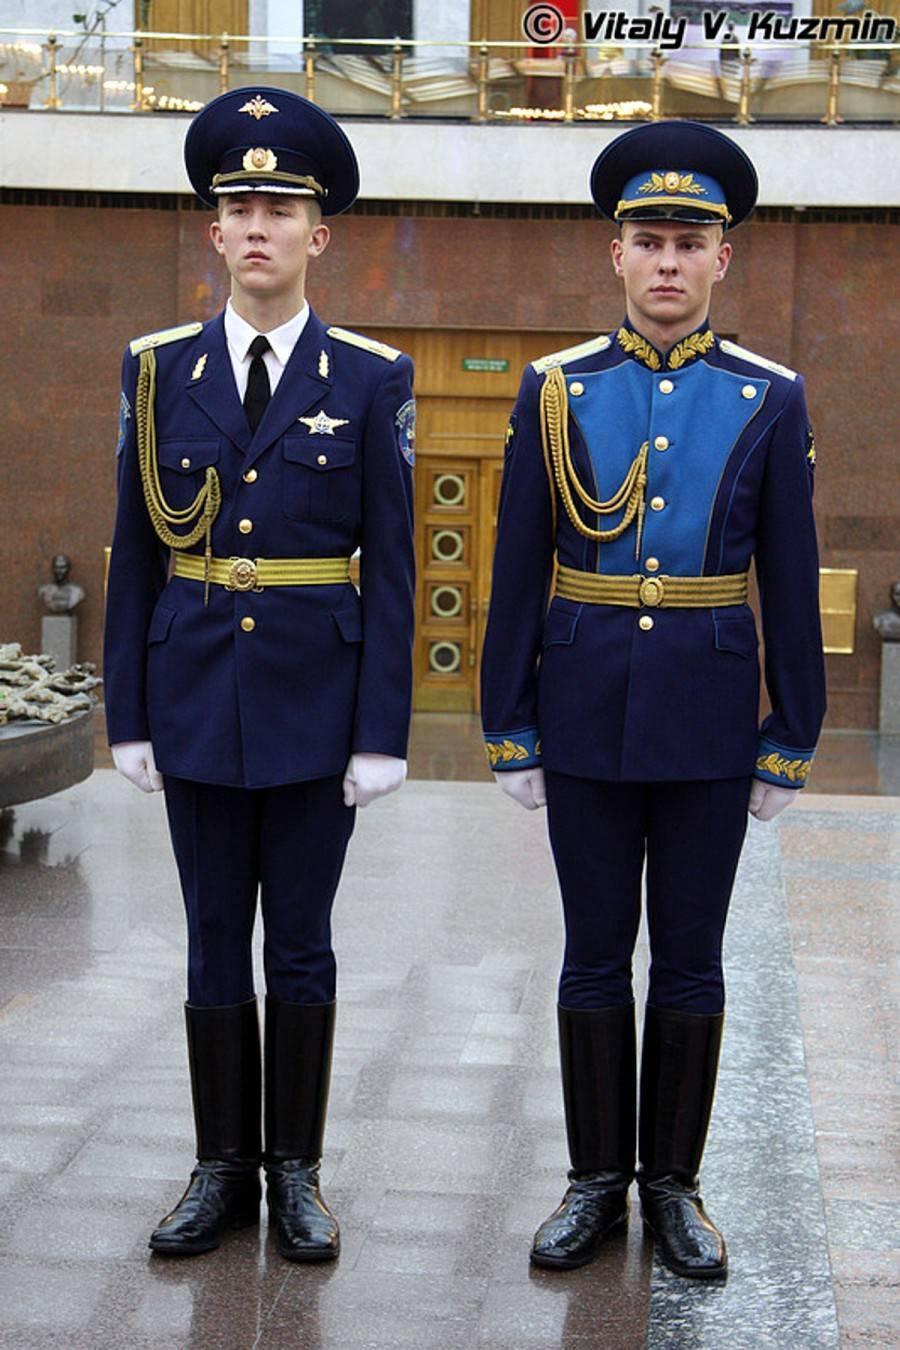 Часть мундира: необычная парадная военная форма разных стран мира